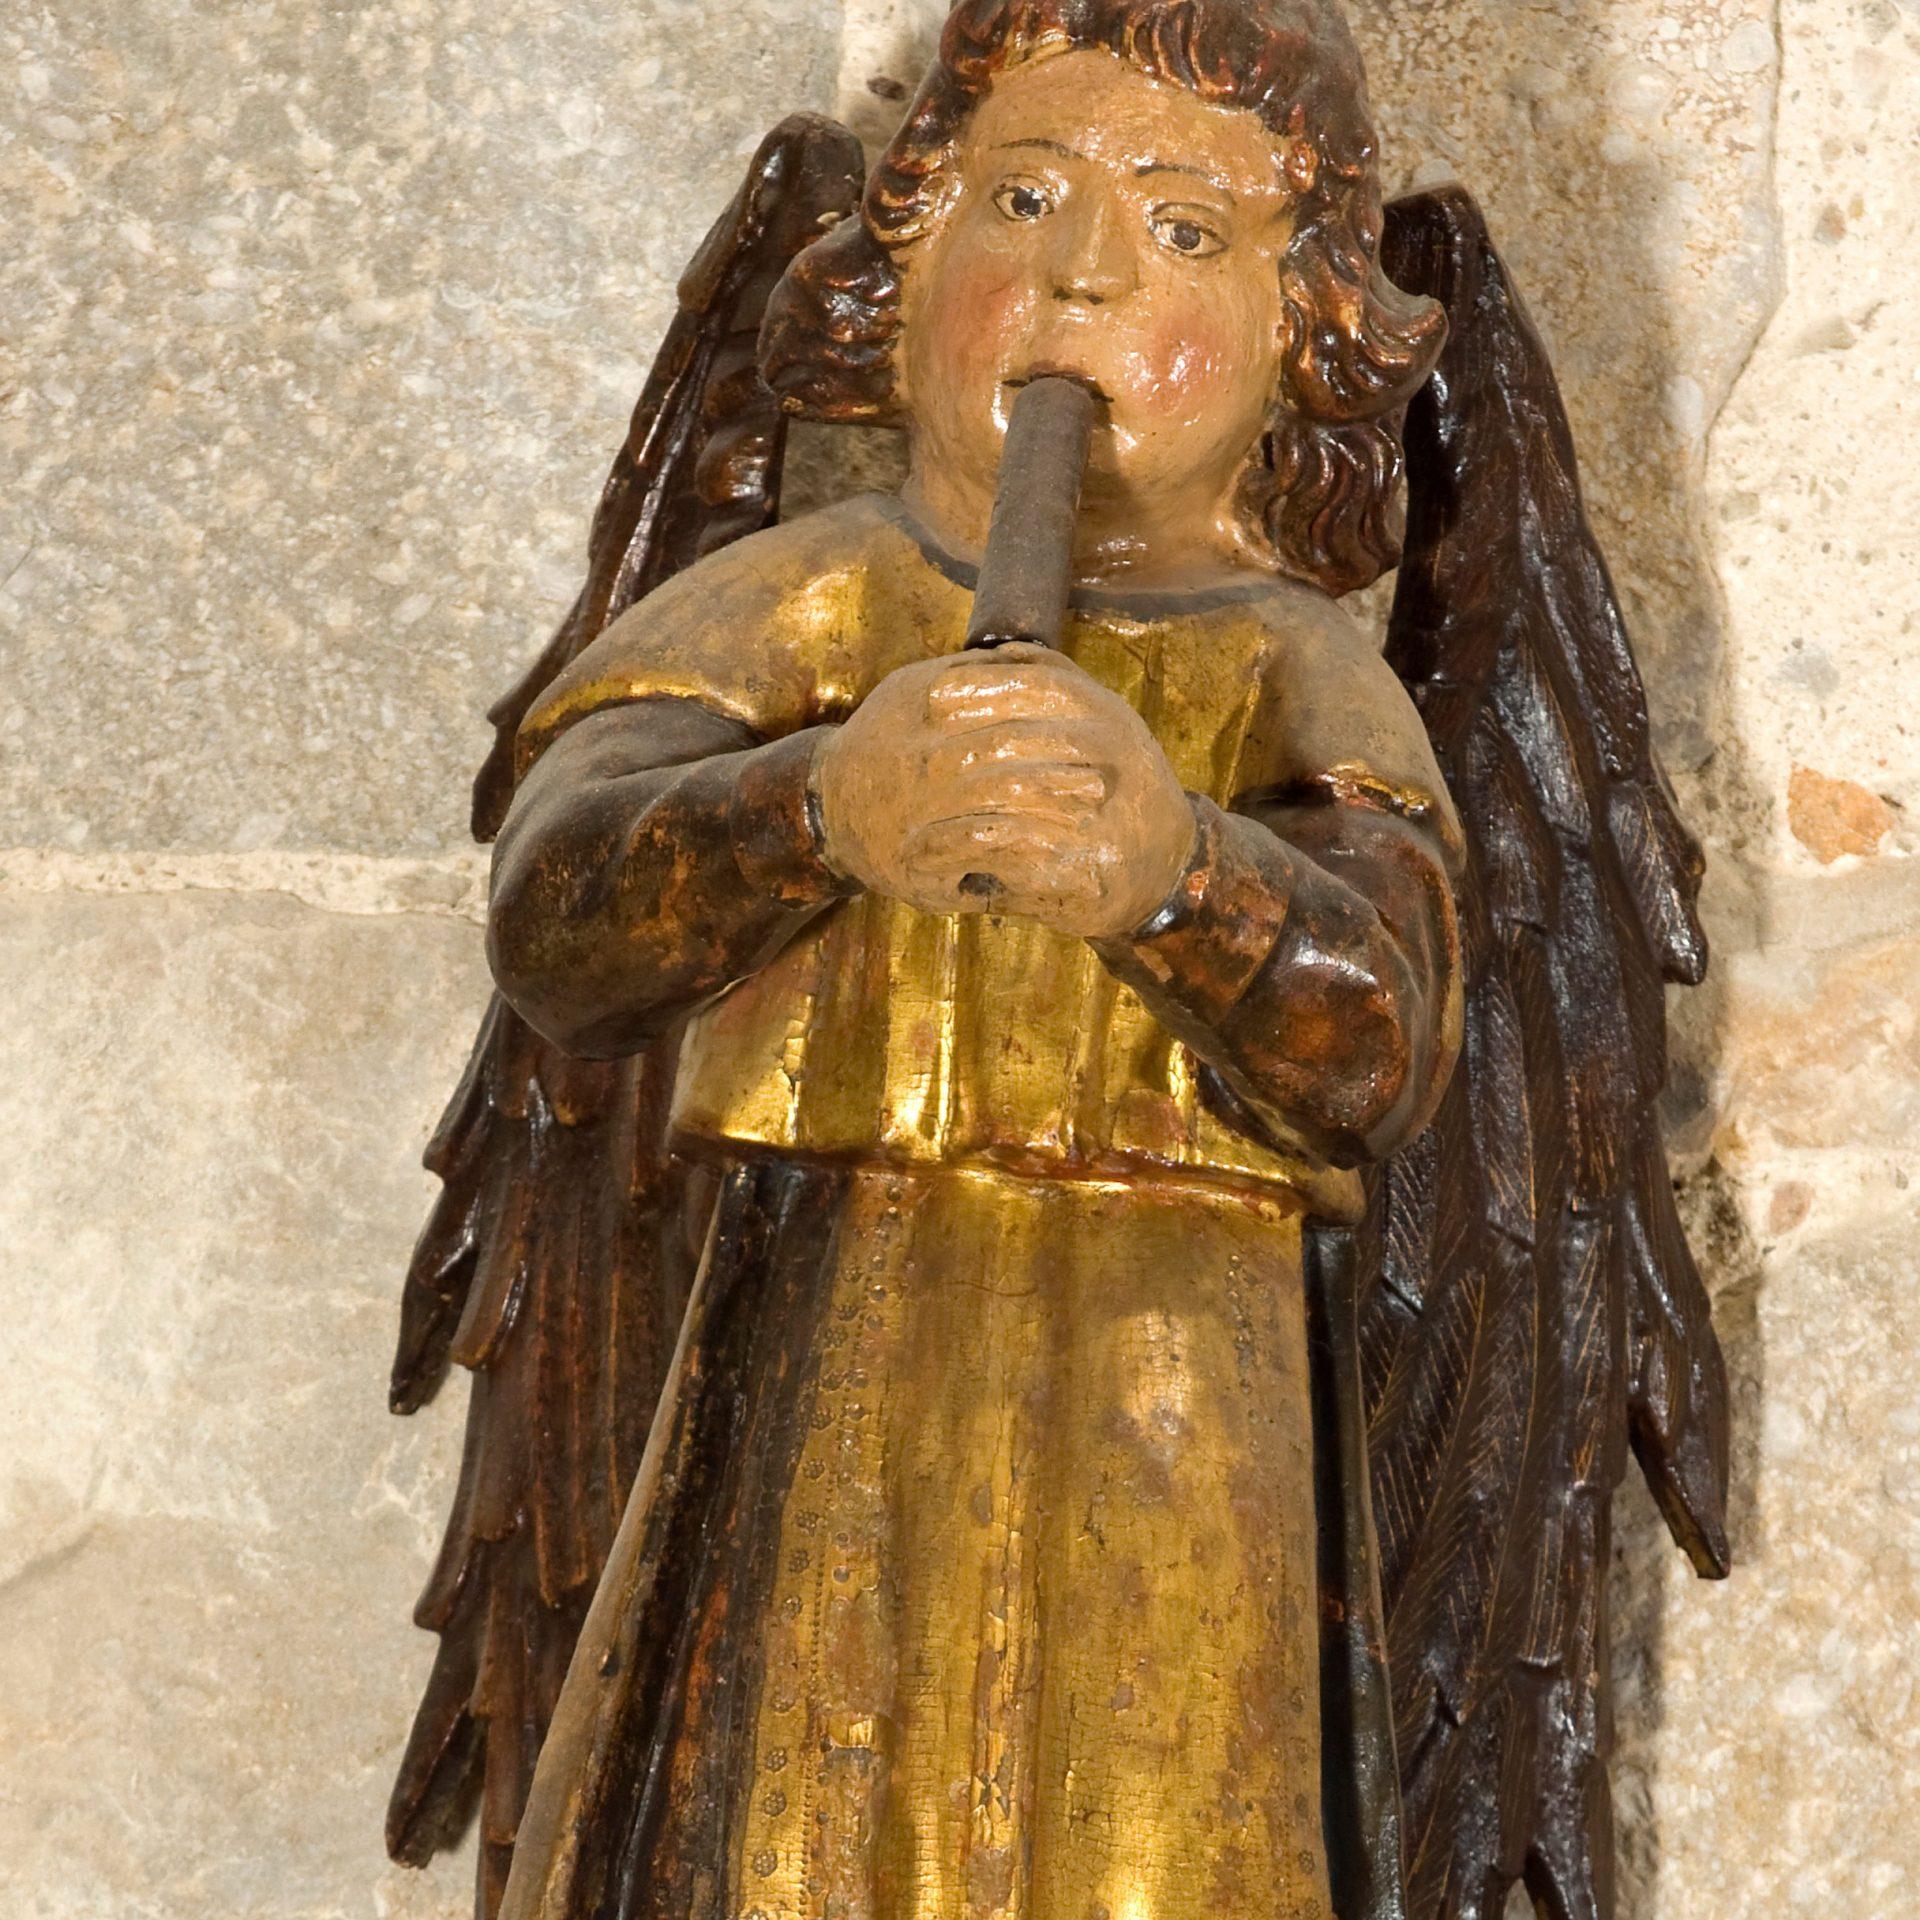 Àngel de fusta policromada tocant un instrument